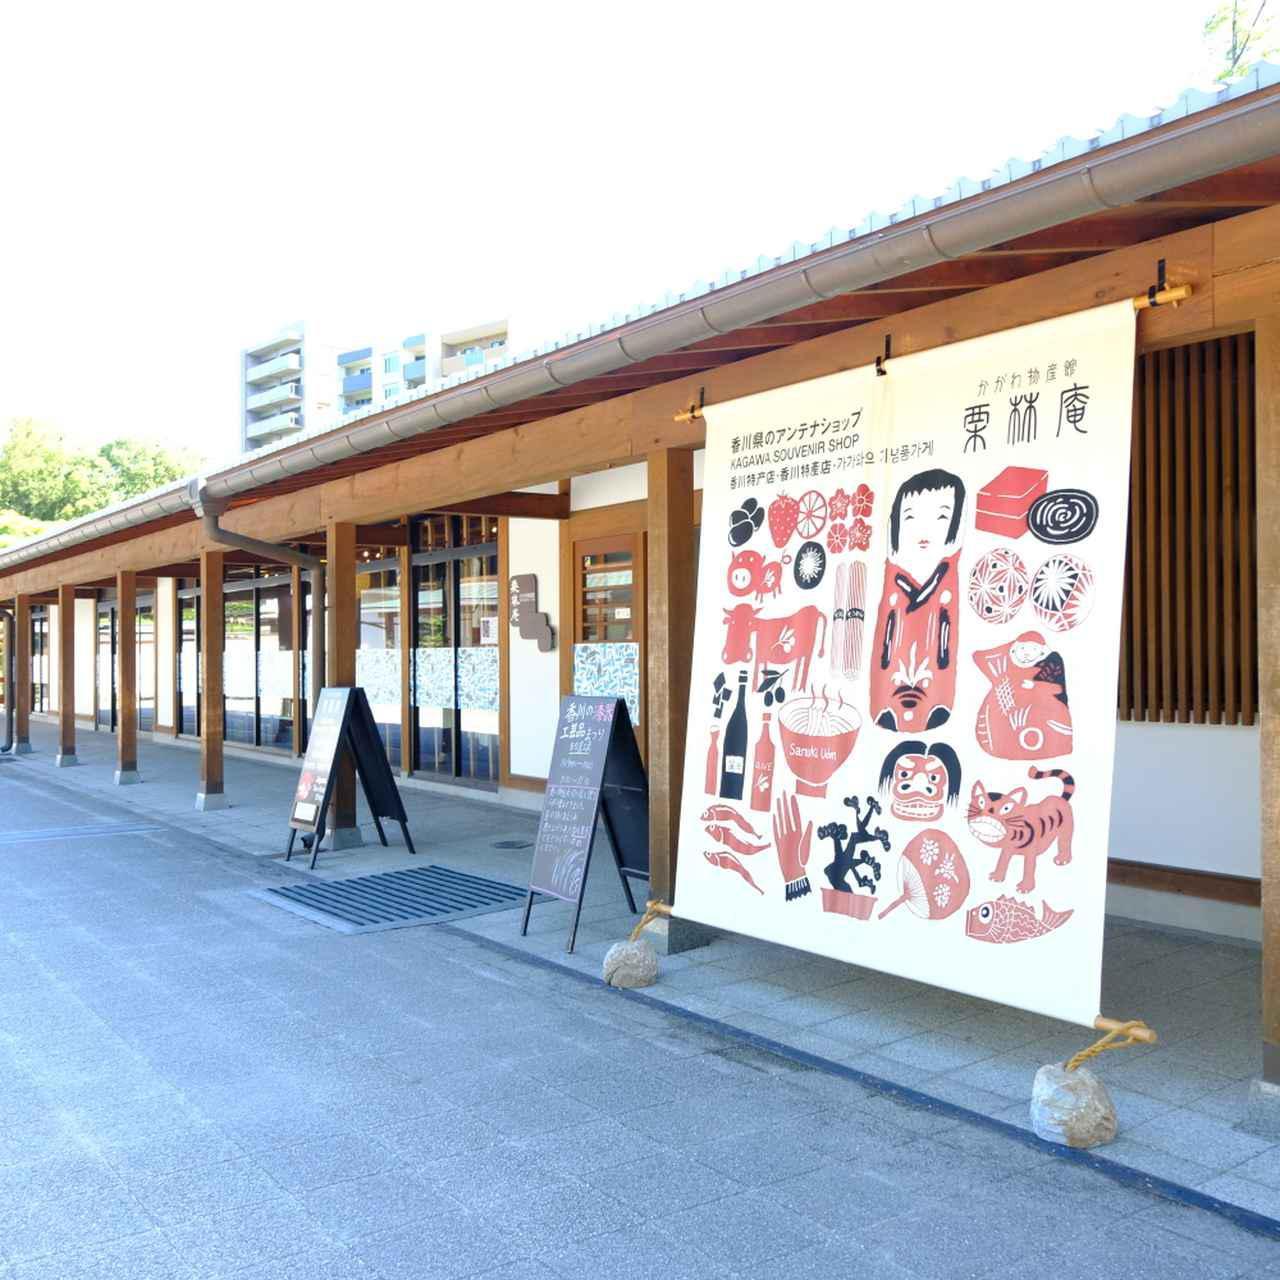 画像: 大きなのれんがかかる「かがわ物産館 栗林庵」。こののれんは、香川の伝統的工芸品「讃岐のり染」で描かれています。